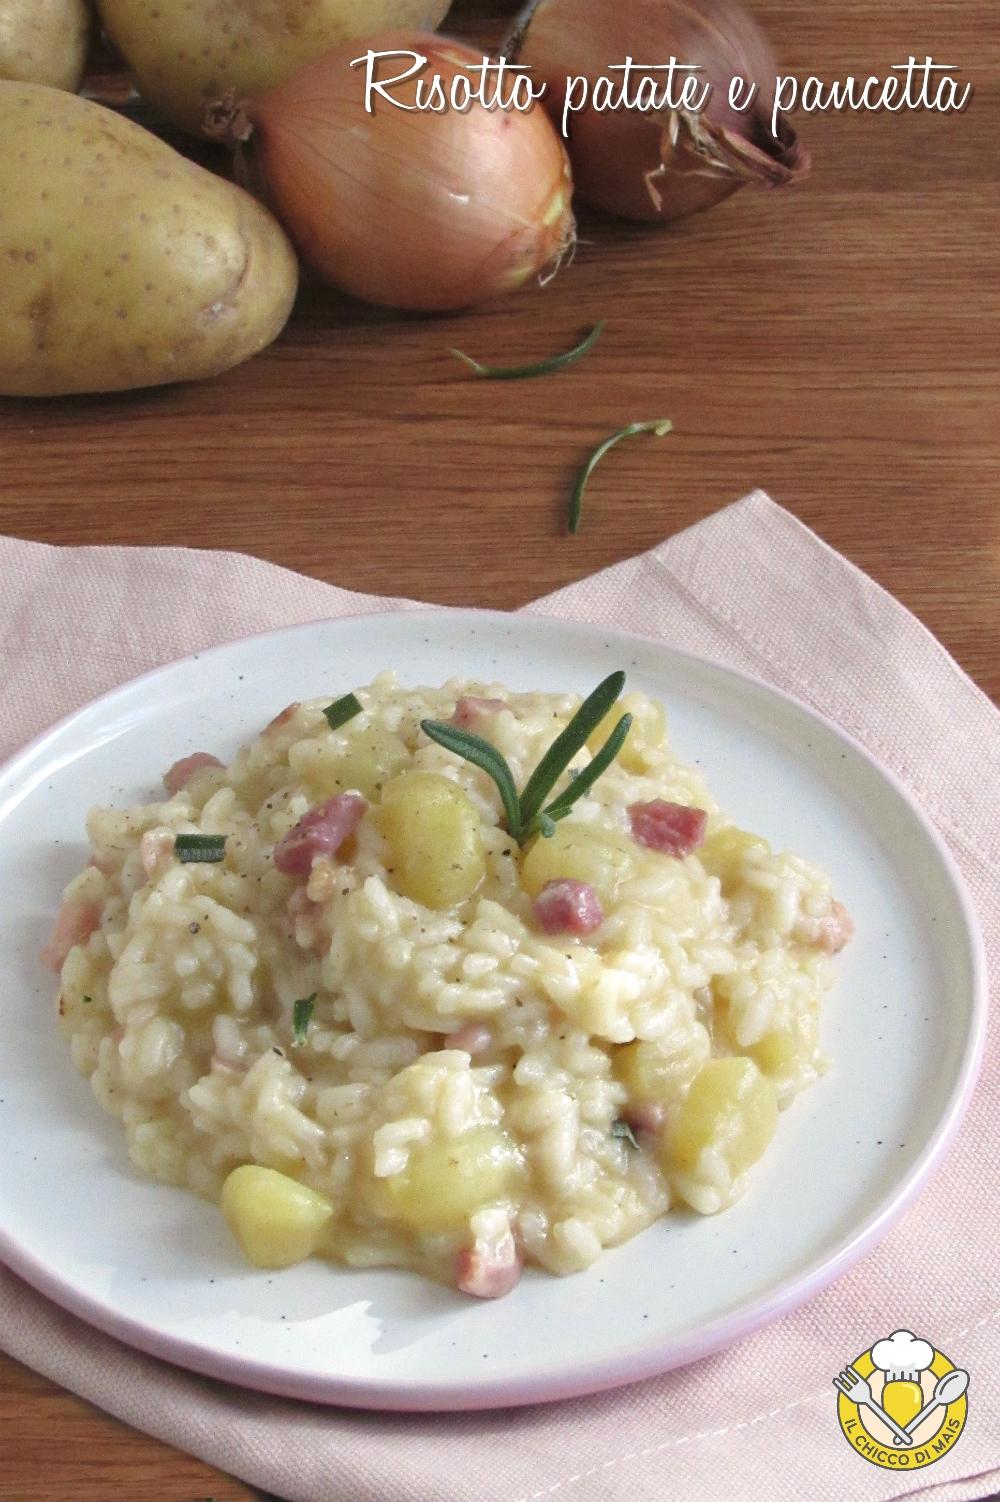 v_ risotto patate e pancetta ricetta facile e gustosa senza burro il chicco di mais